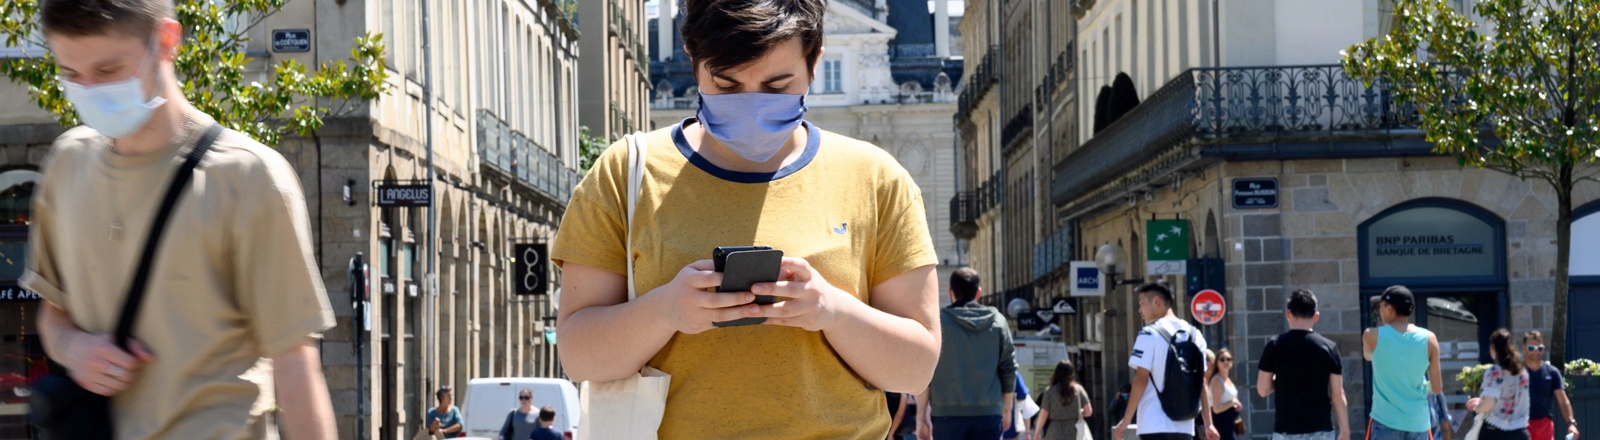 Ein Mann in Frankreich schaut auf sein Handy.